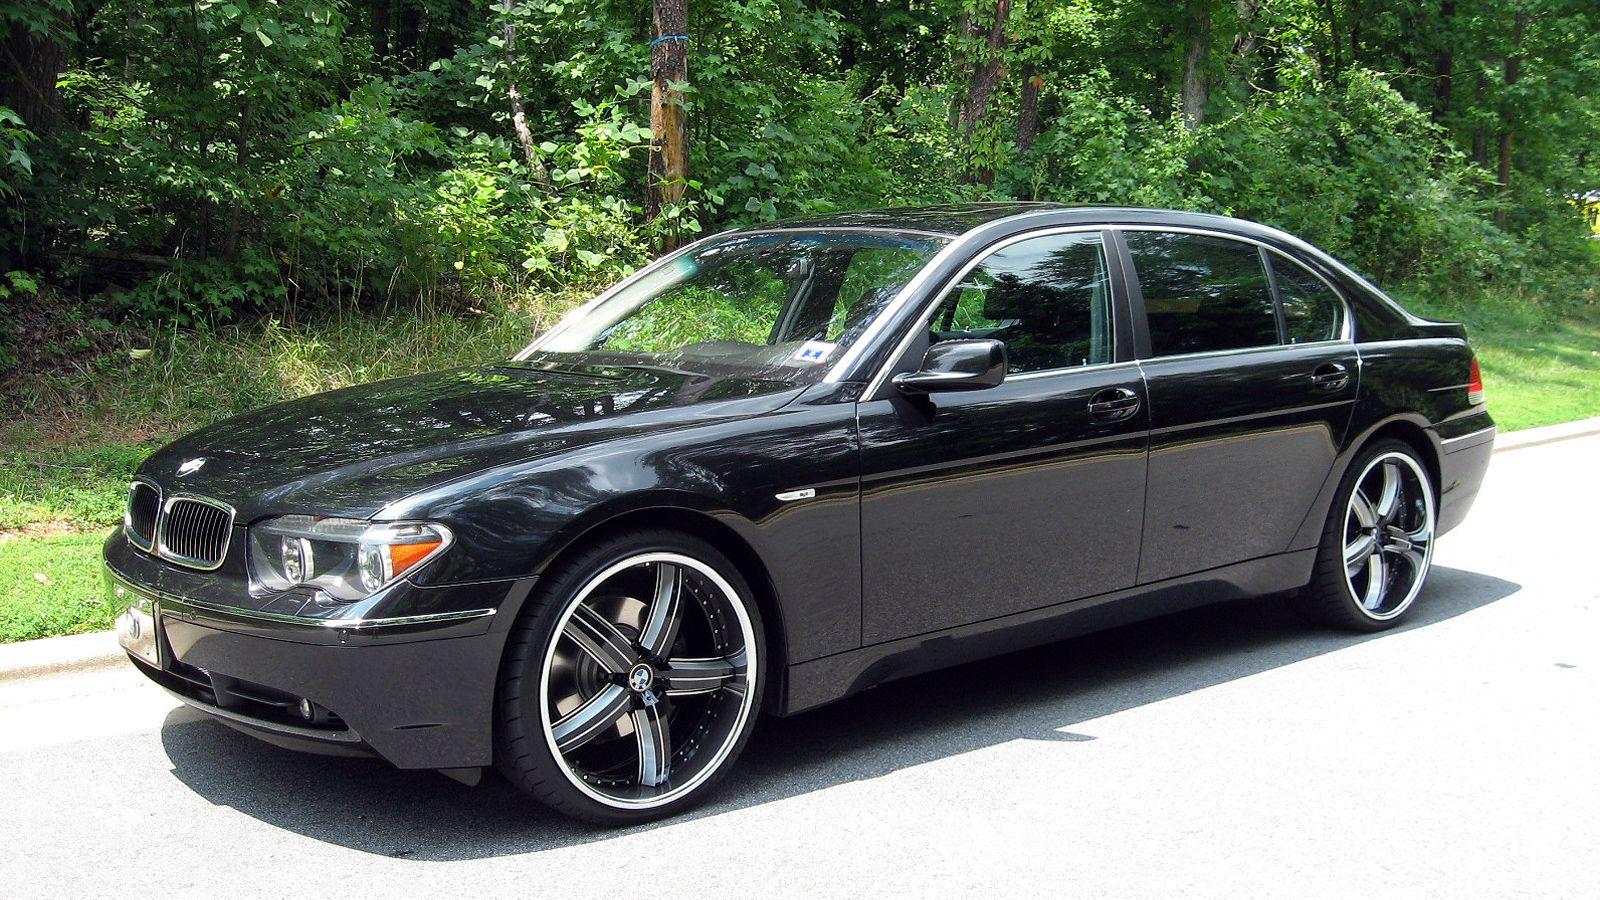 Bmw Li Google Search Executive Toys Pinterest BMW Cars - 745 bmw li